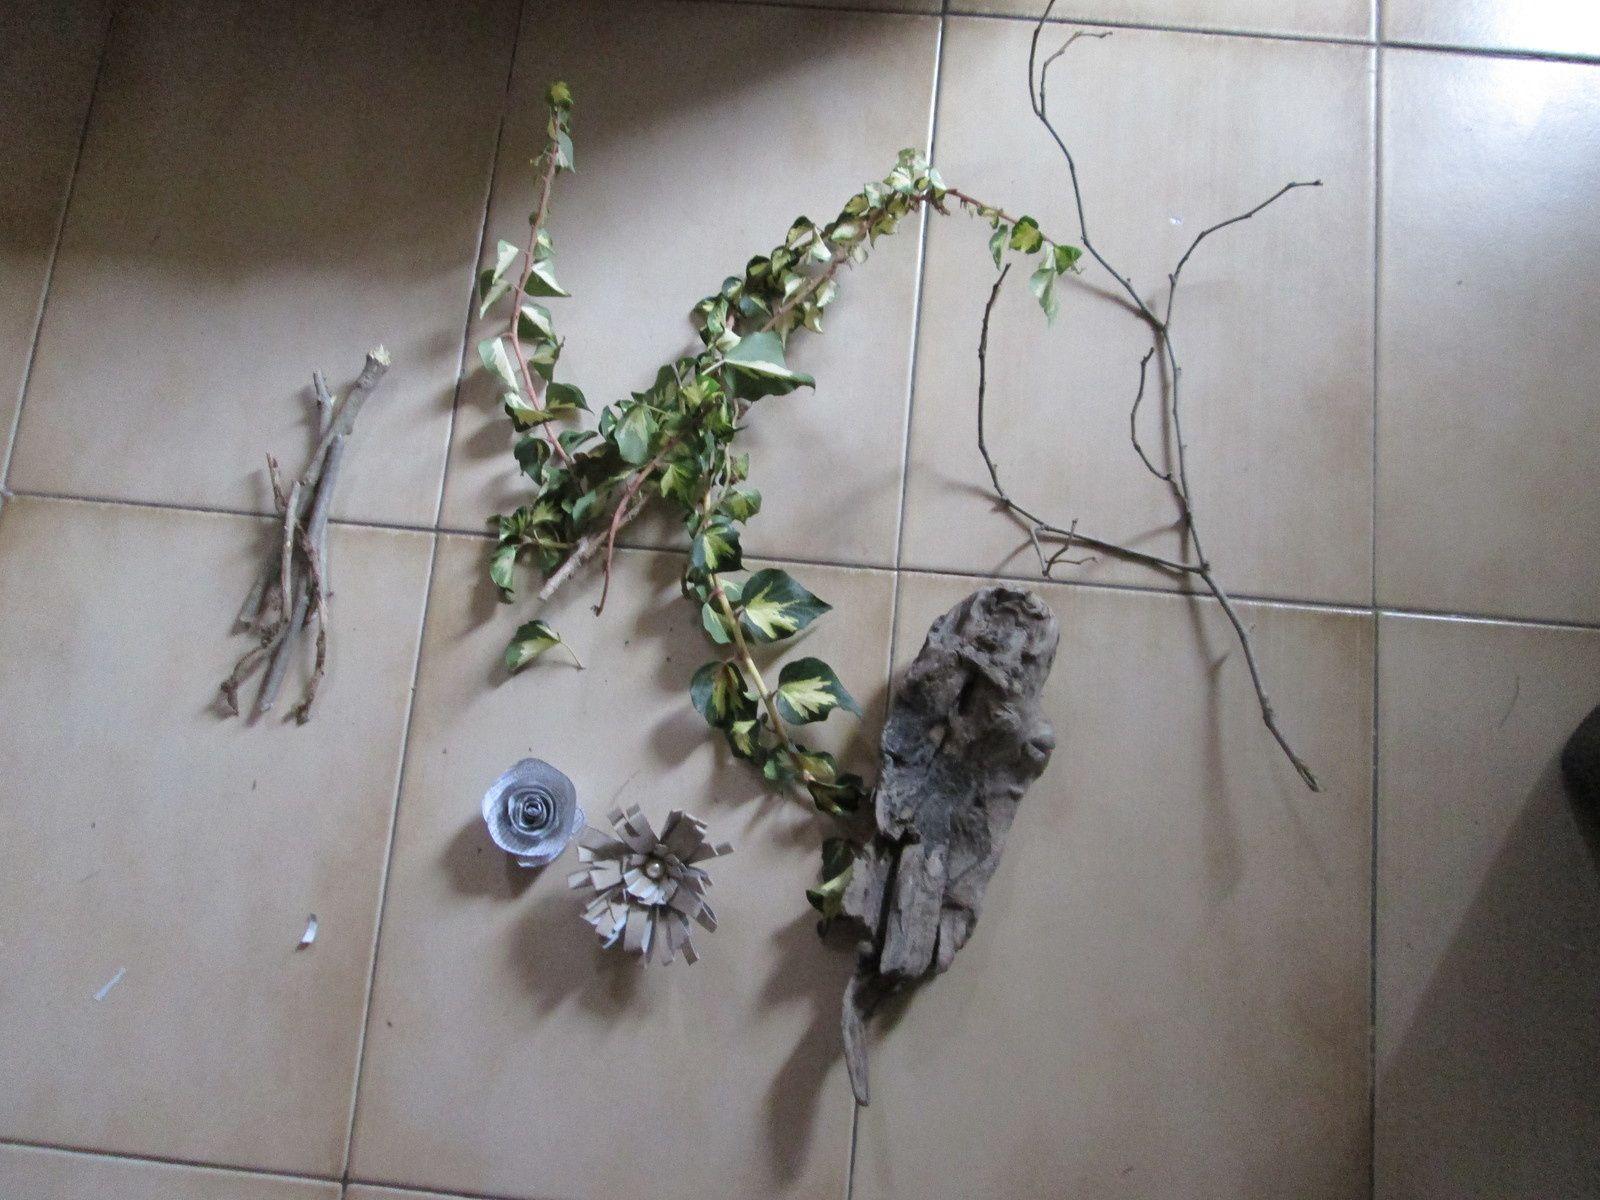 Un morceau de bois flotté que j'ai huilé, une branche morte, des petits bouts de bois pour faire un buchet, une fleur en carton, des fleurs en papier et du lierre